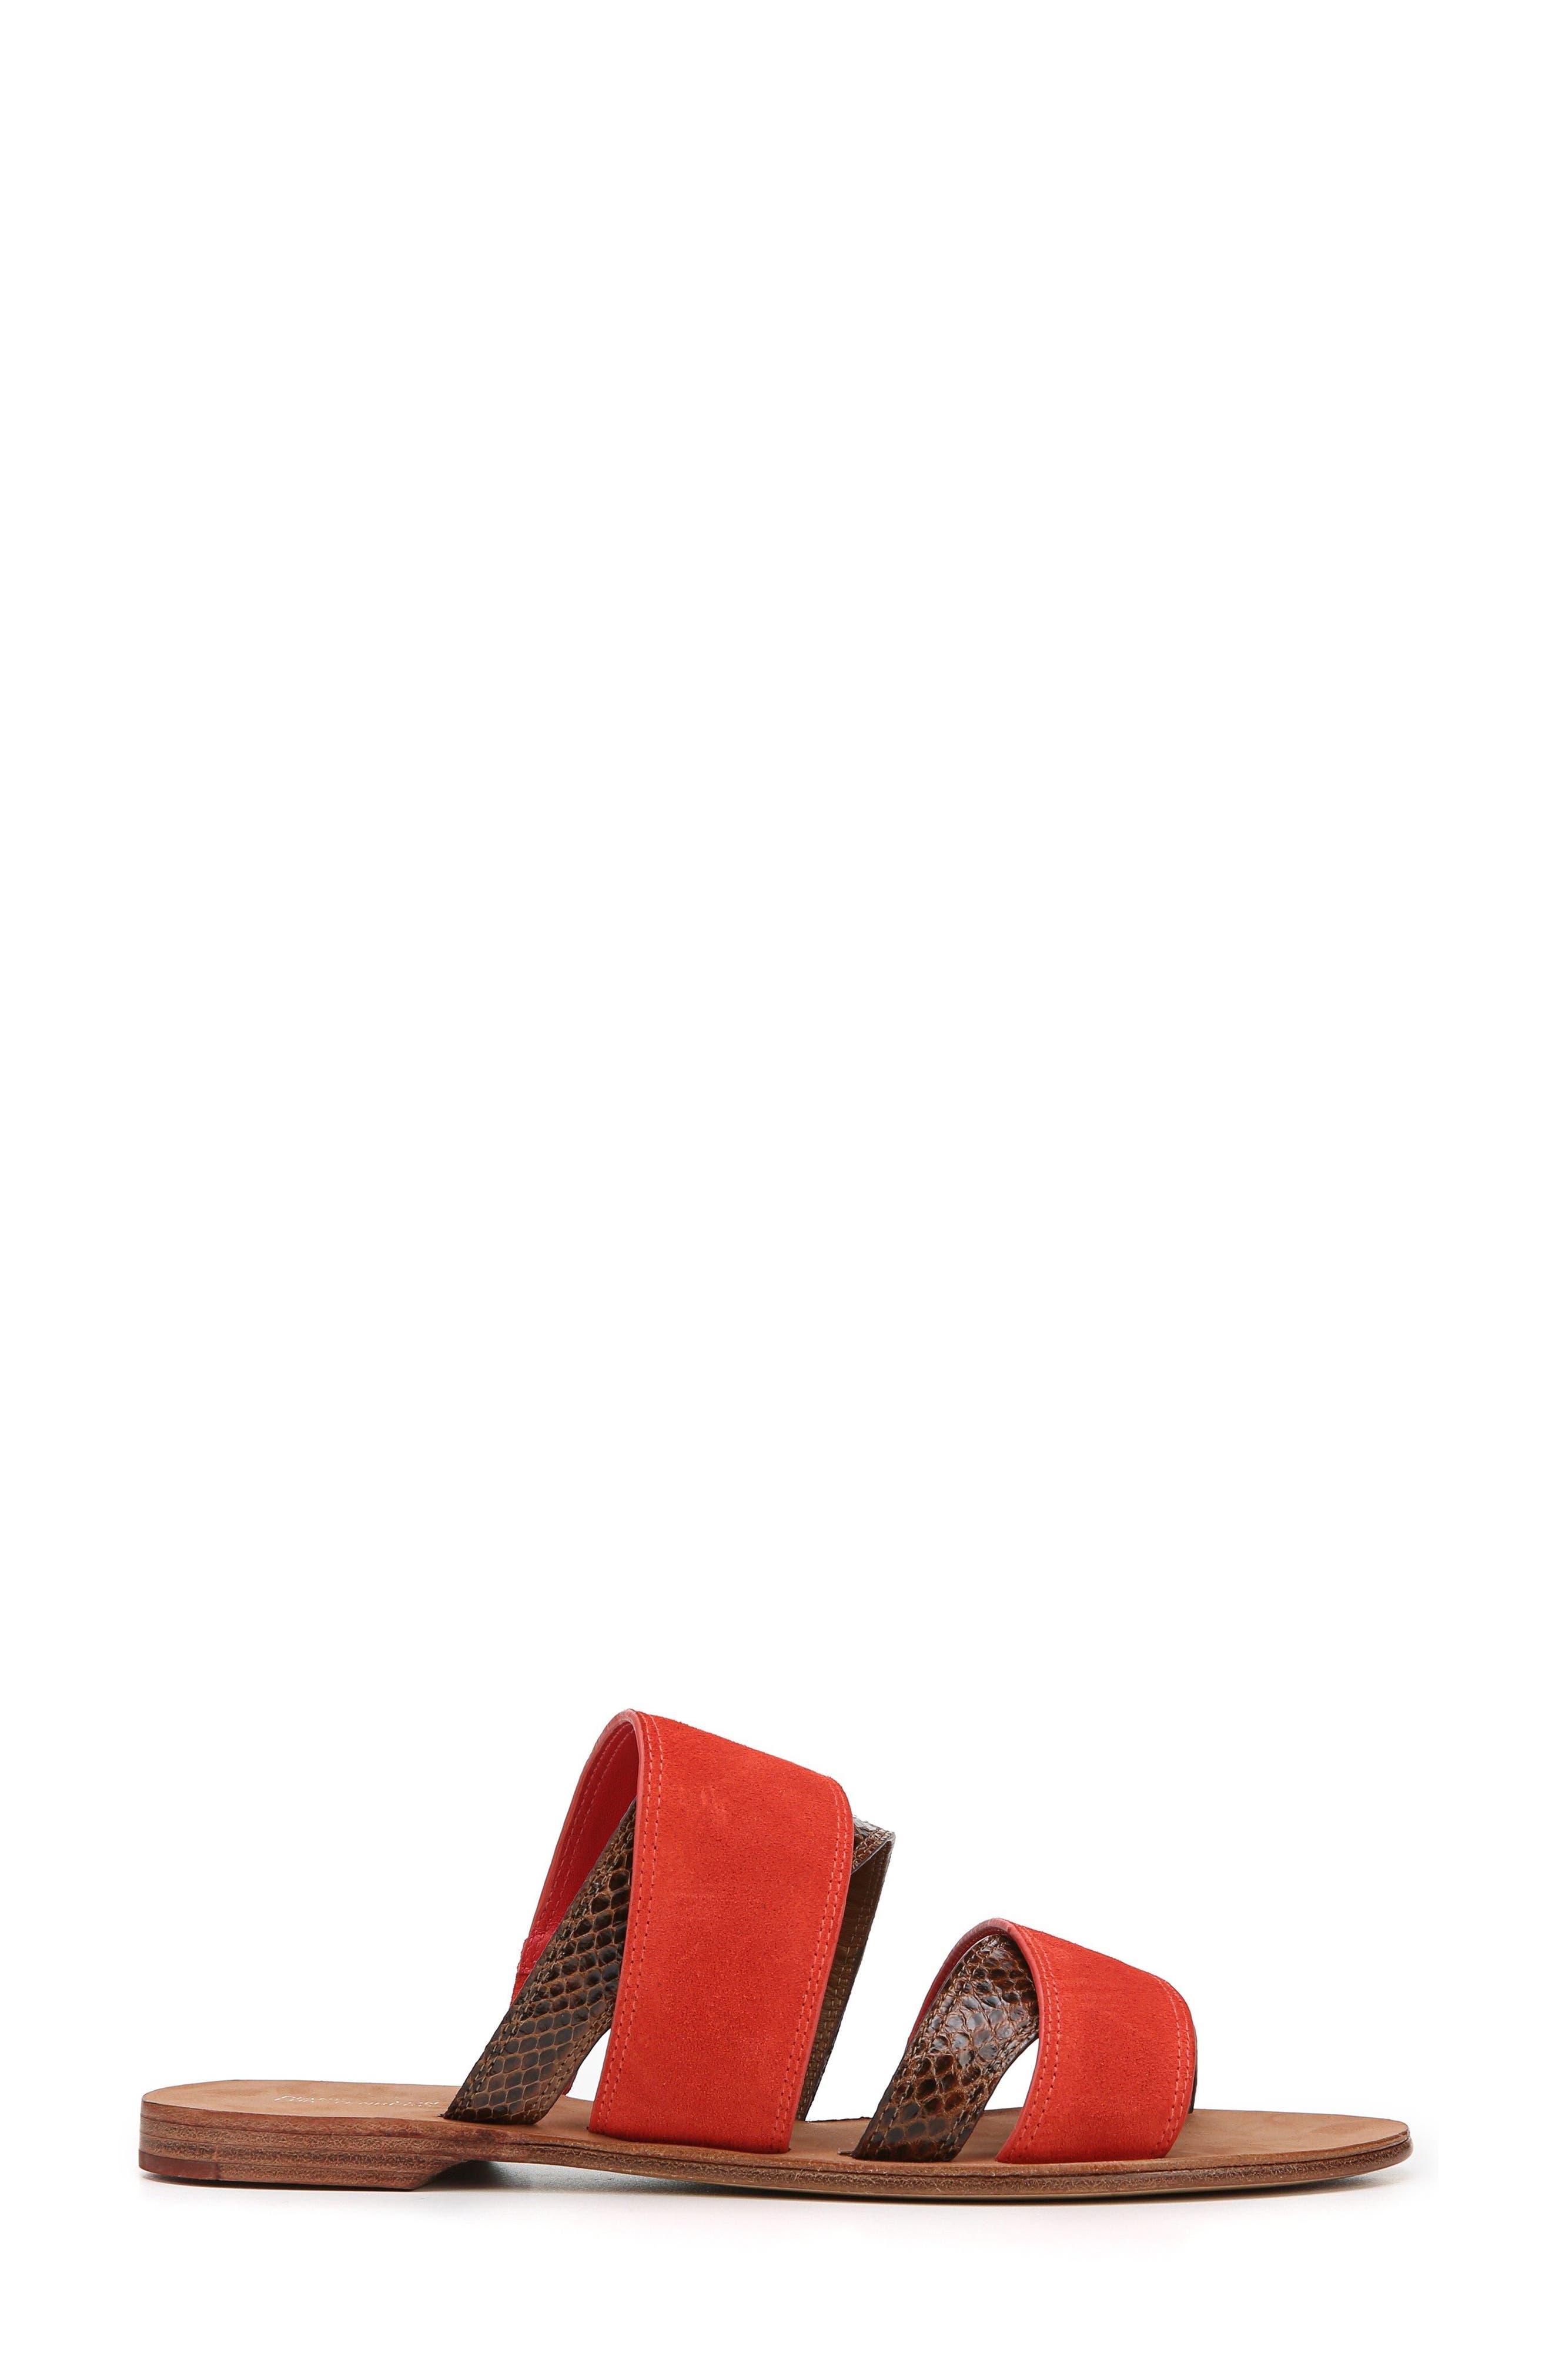 Blake Cross Strap Slide Sandal,                             Alternate thumbnail 3, color,                             Caramel/ Red